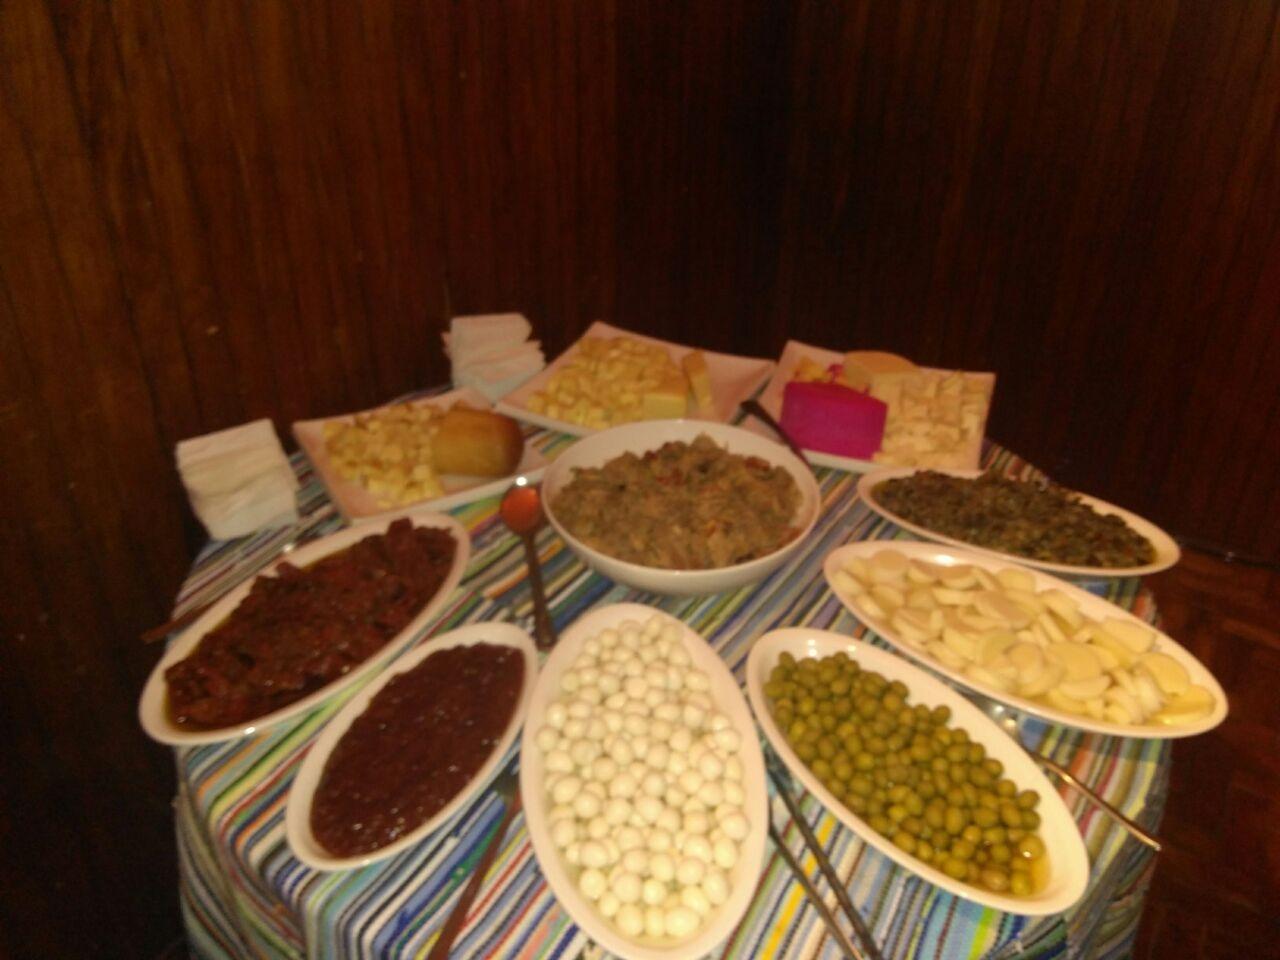 Almoço, jantar e outros - Foto 14